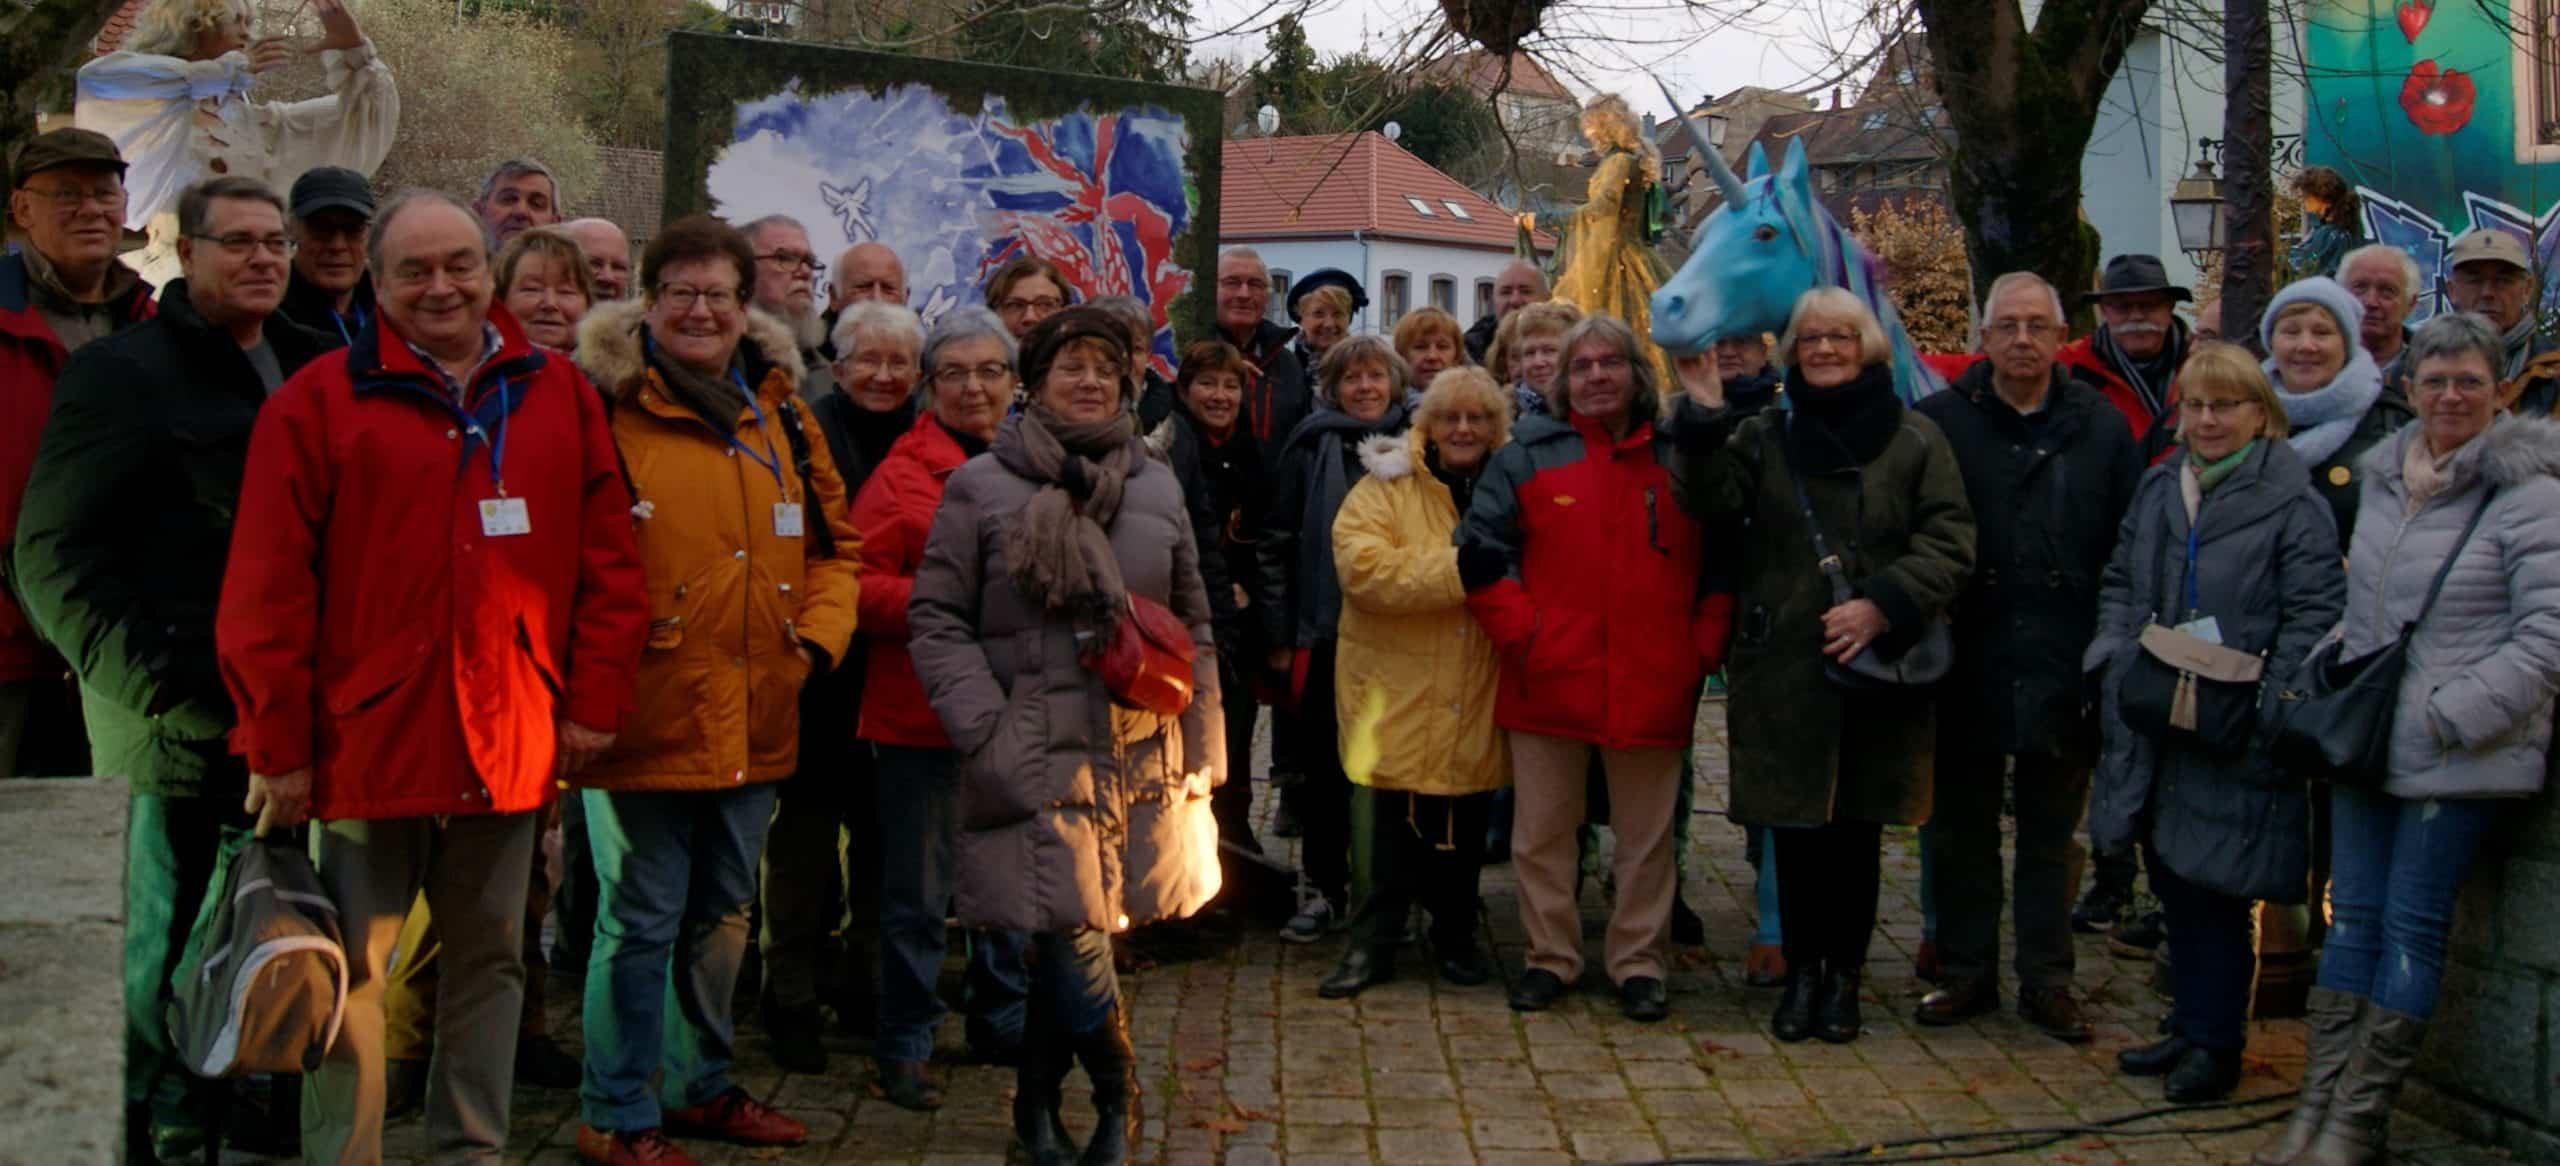 BFC – S19-122 – Marché de Noël dans le Sundgau